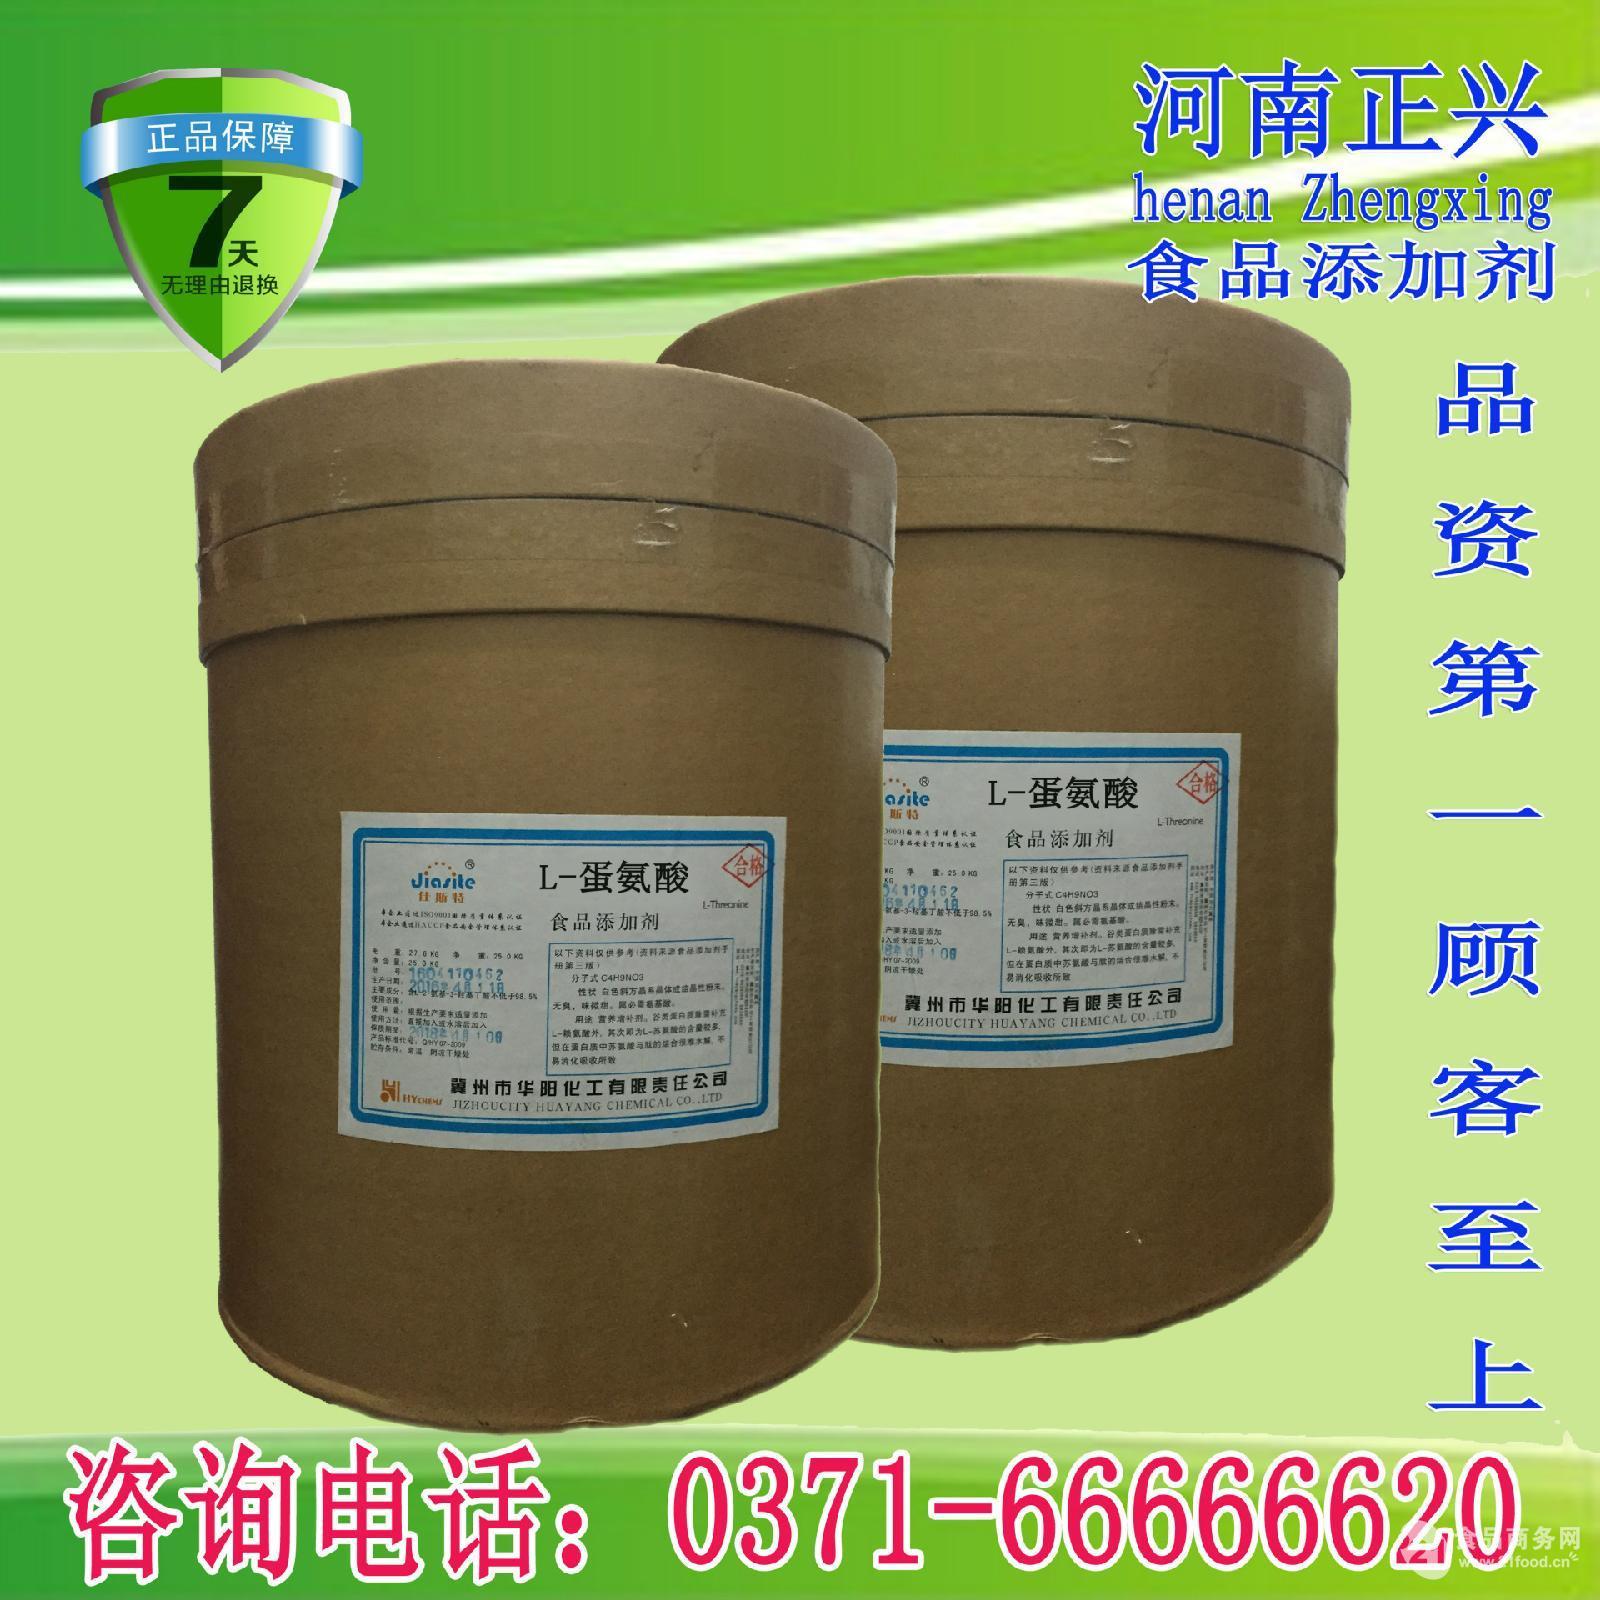 专业供应 L-蛋氨酸(食品级、饲料级) 99%